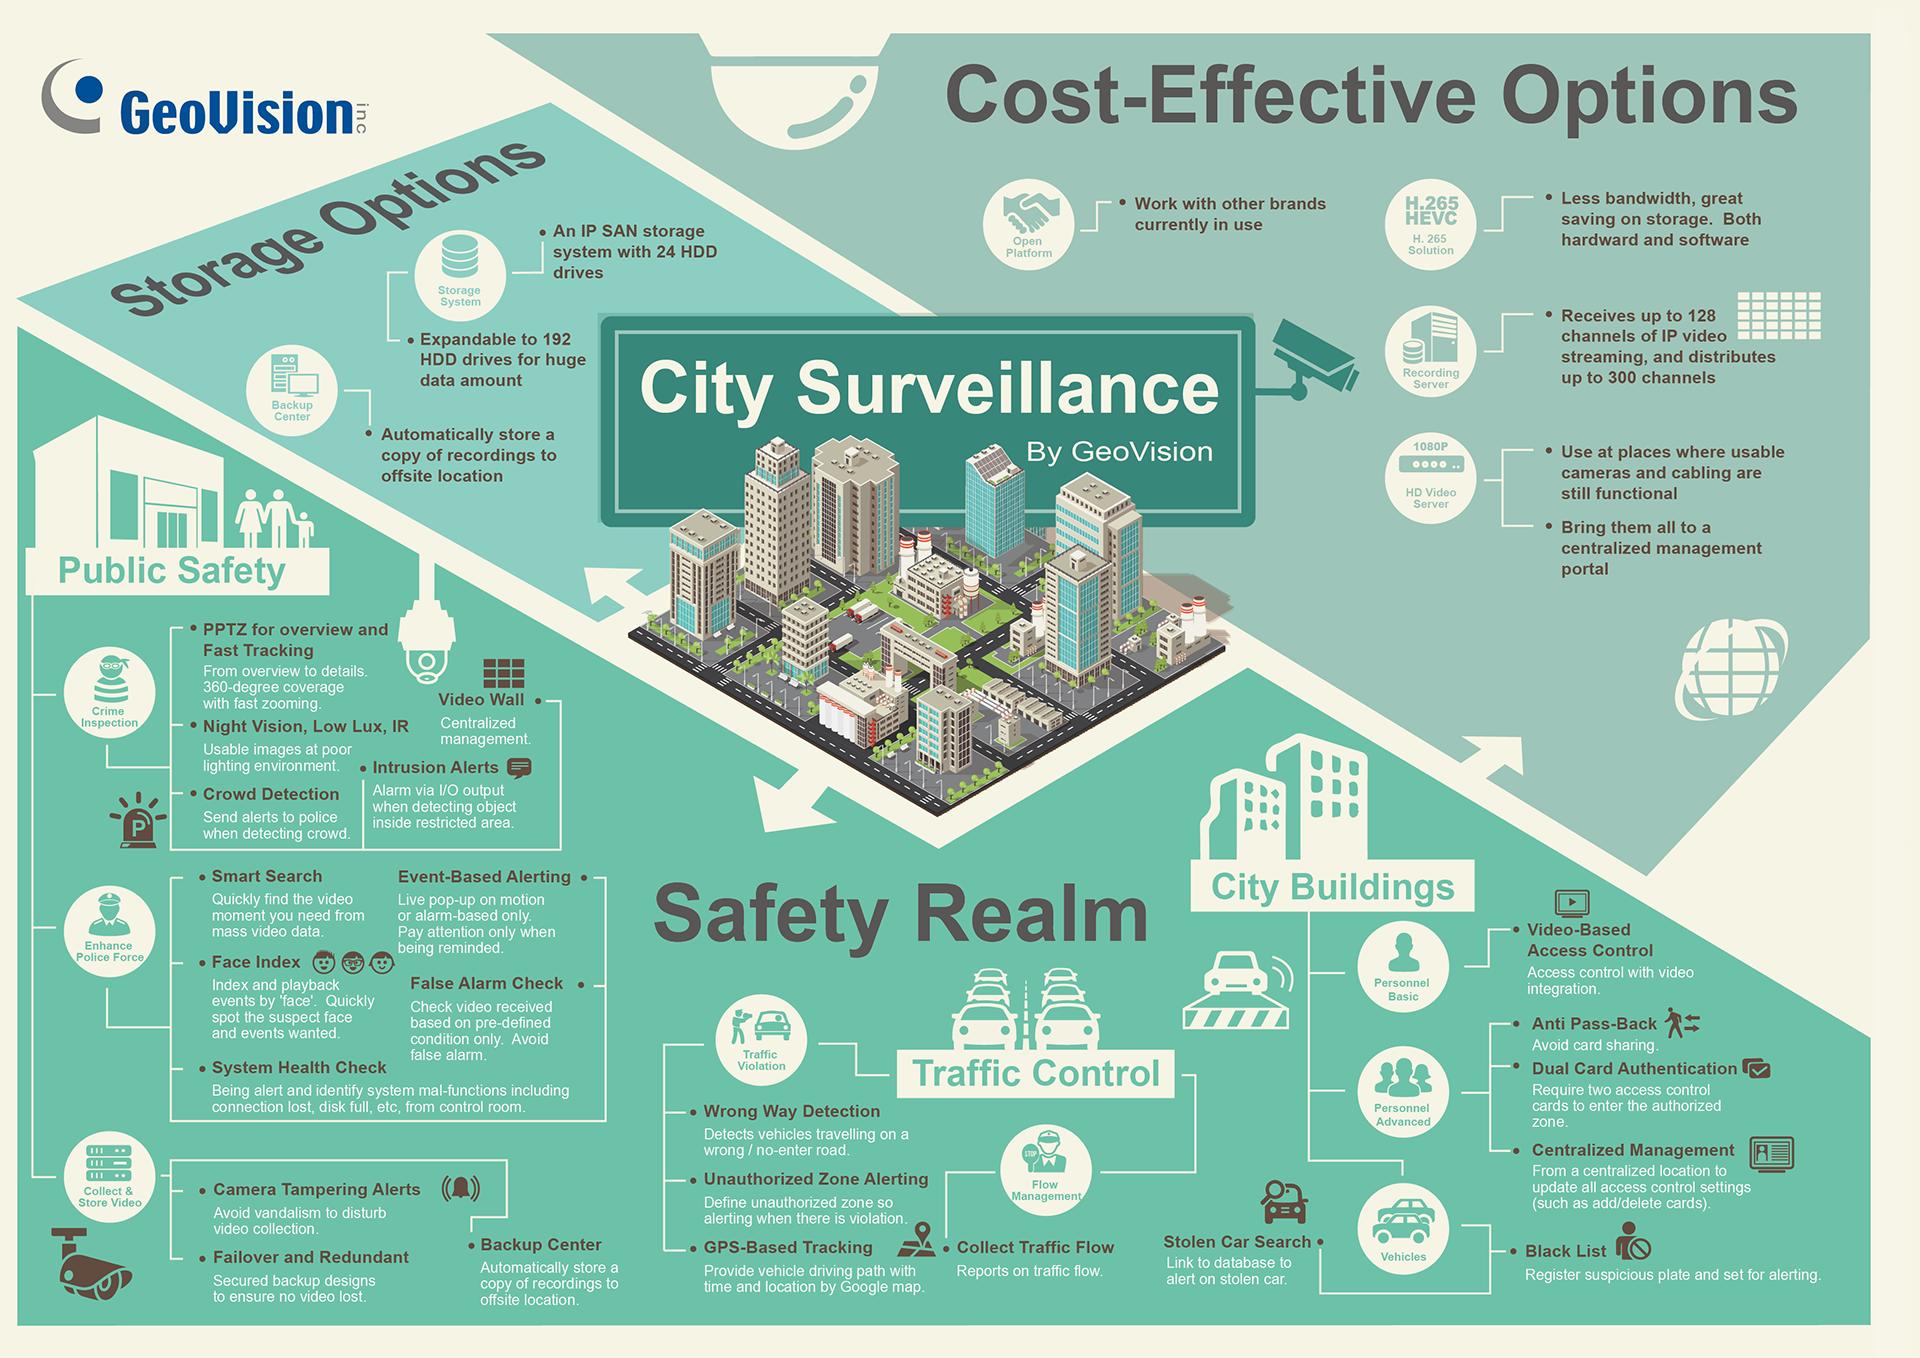 Geovision City Surveillance Solution Video Surveillance